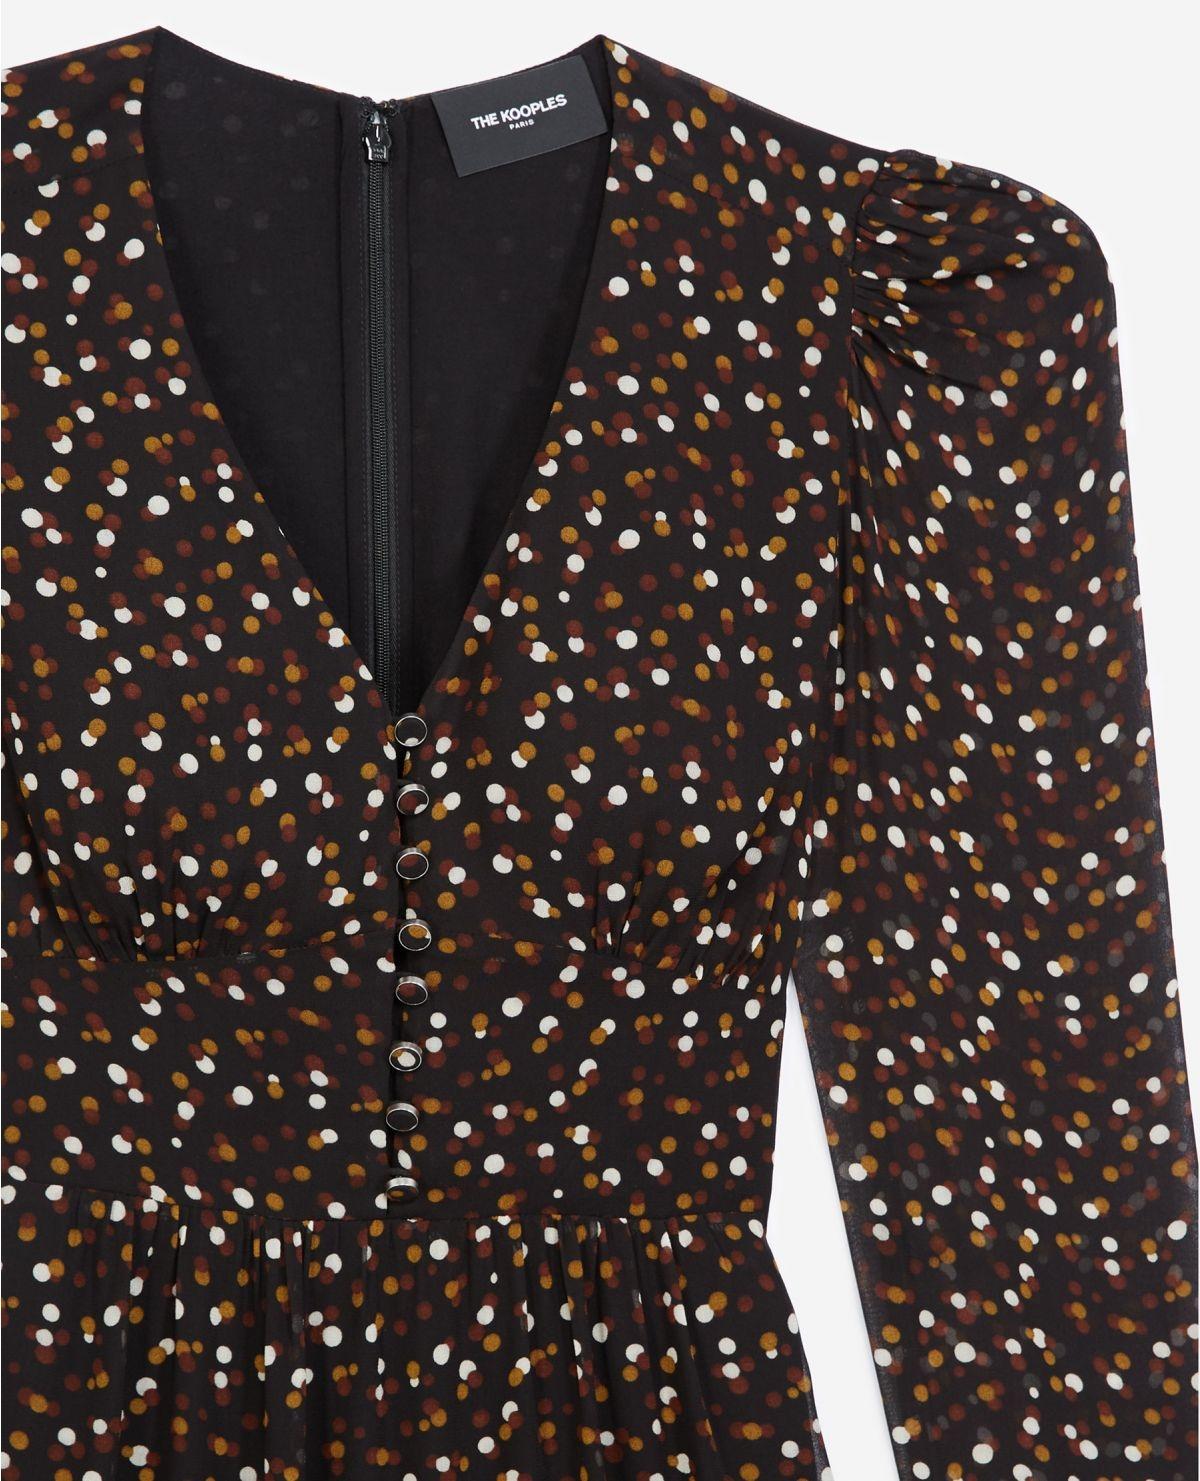 THE KOOPLES robe courte boutonnée imprimée pois-2